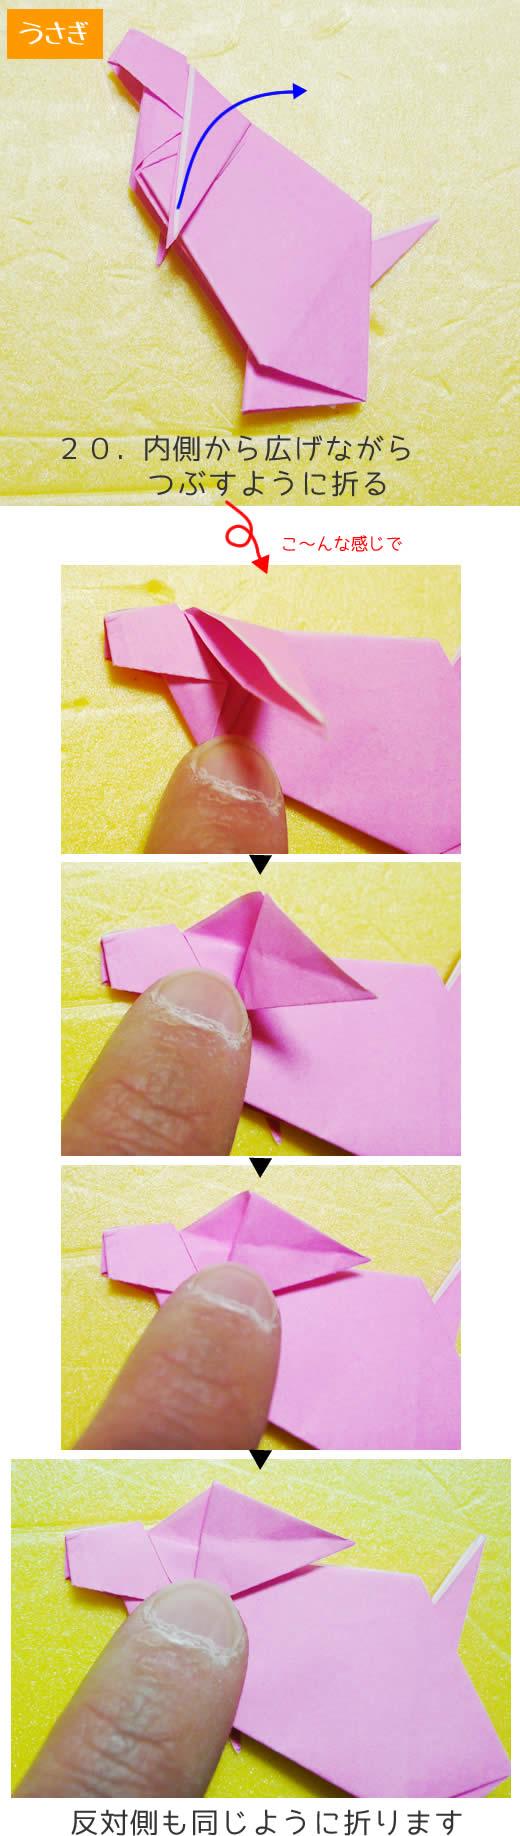 うさぎの折り方20